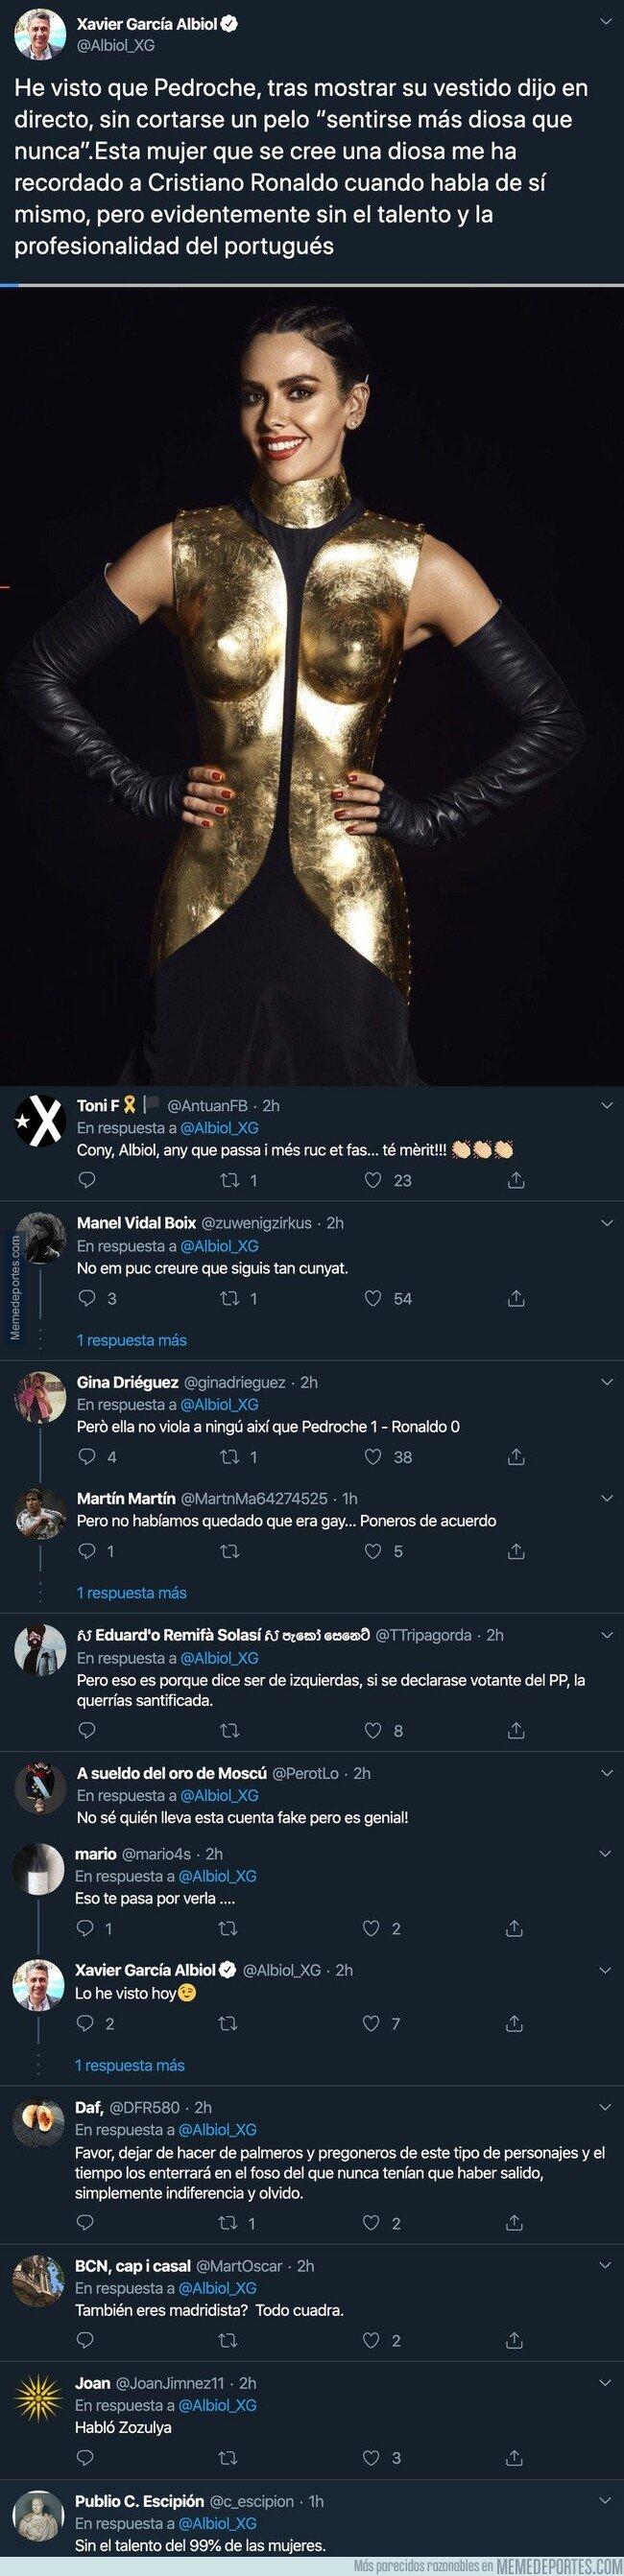 1094824 - Xavier García Albiol la lía comparando a Cristina Pedroche con Cristiano Ronaldo por la imagen dada en Nochevieja dando las uvas